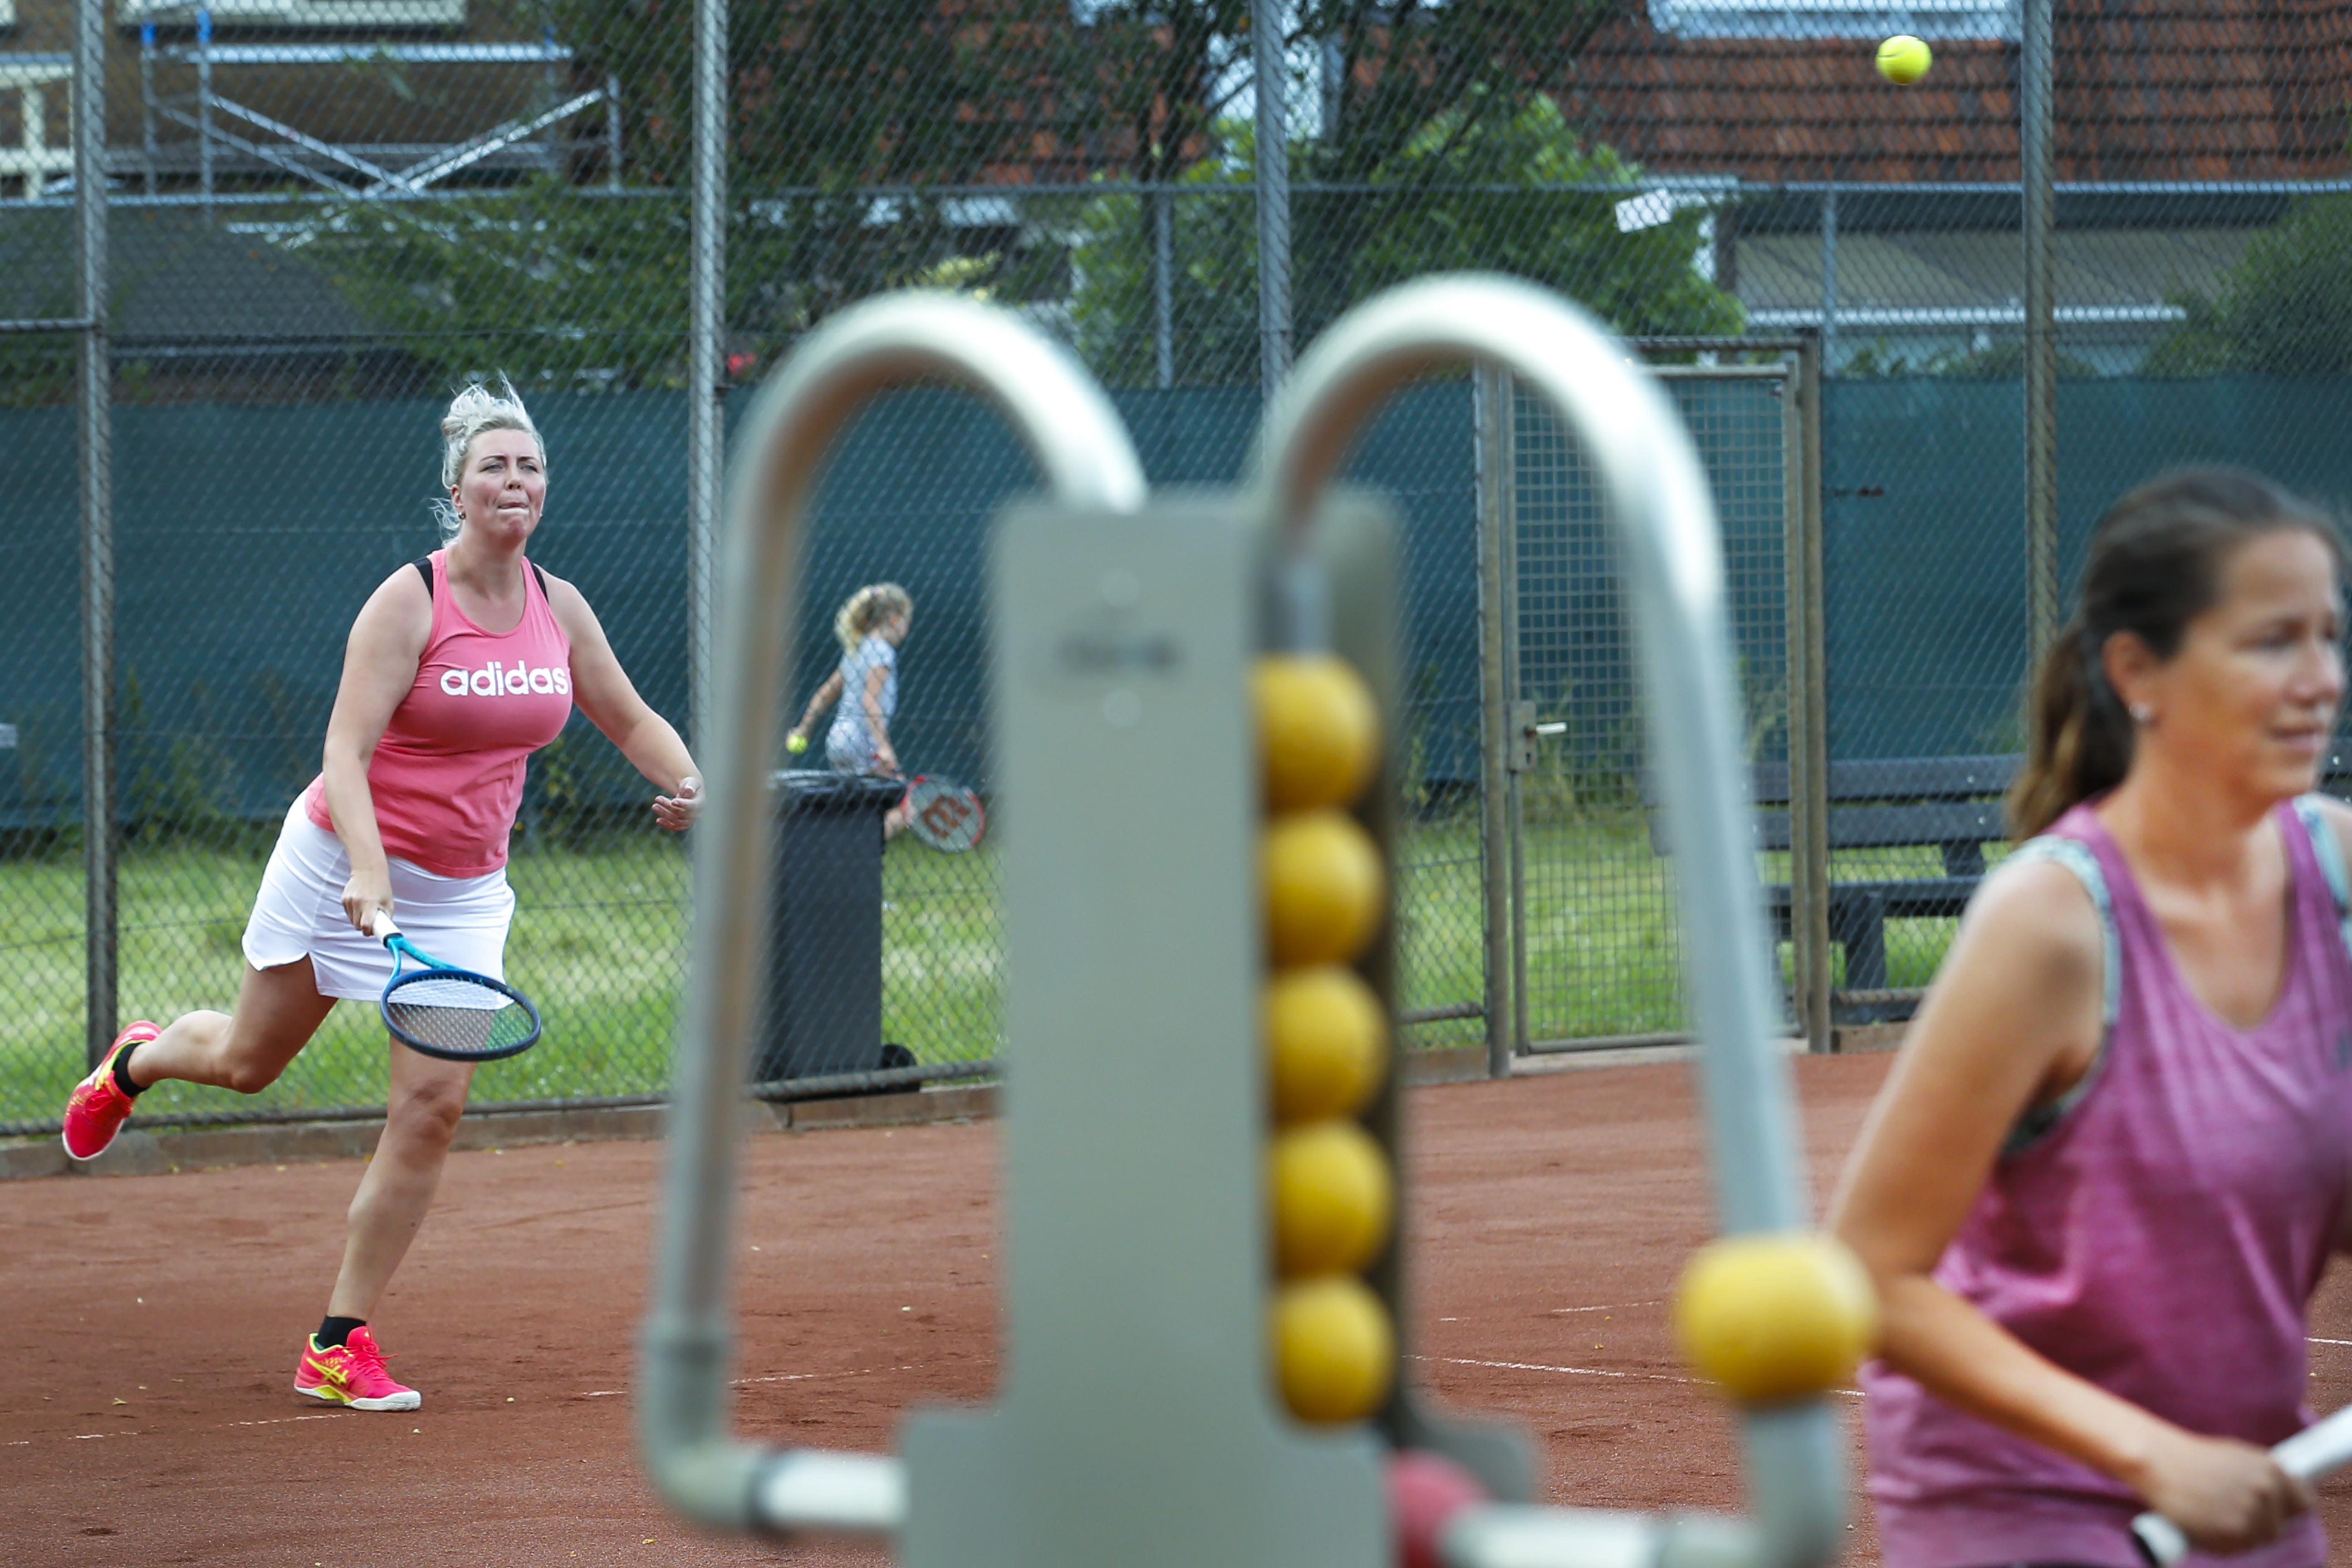 Horecamedewerker van clubhuis Tennisvereniging BLTC Westerhout in Beverwijk test positief op coronavirus, clubhuis tijdelijk gesloten